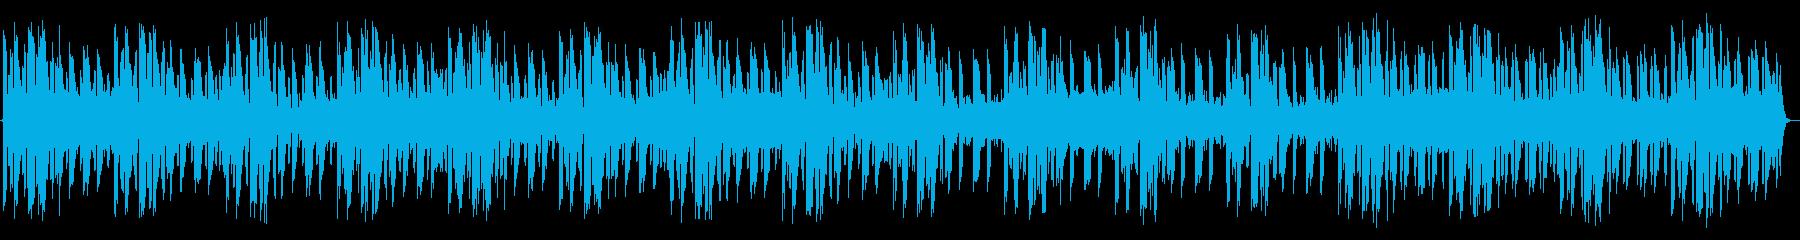 ニュース ヘッドライン 3パターン入りの再生済みの波形